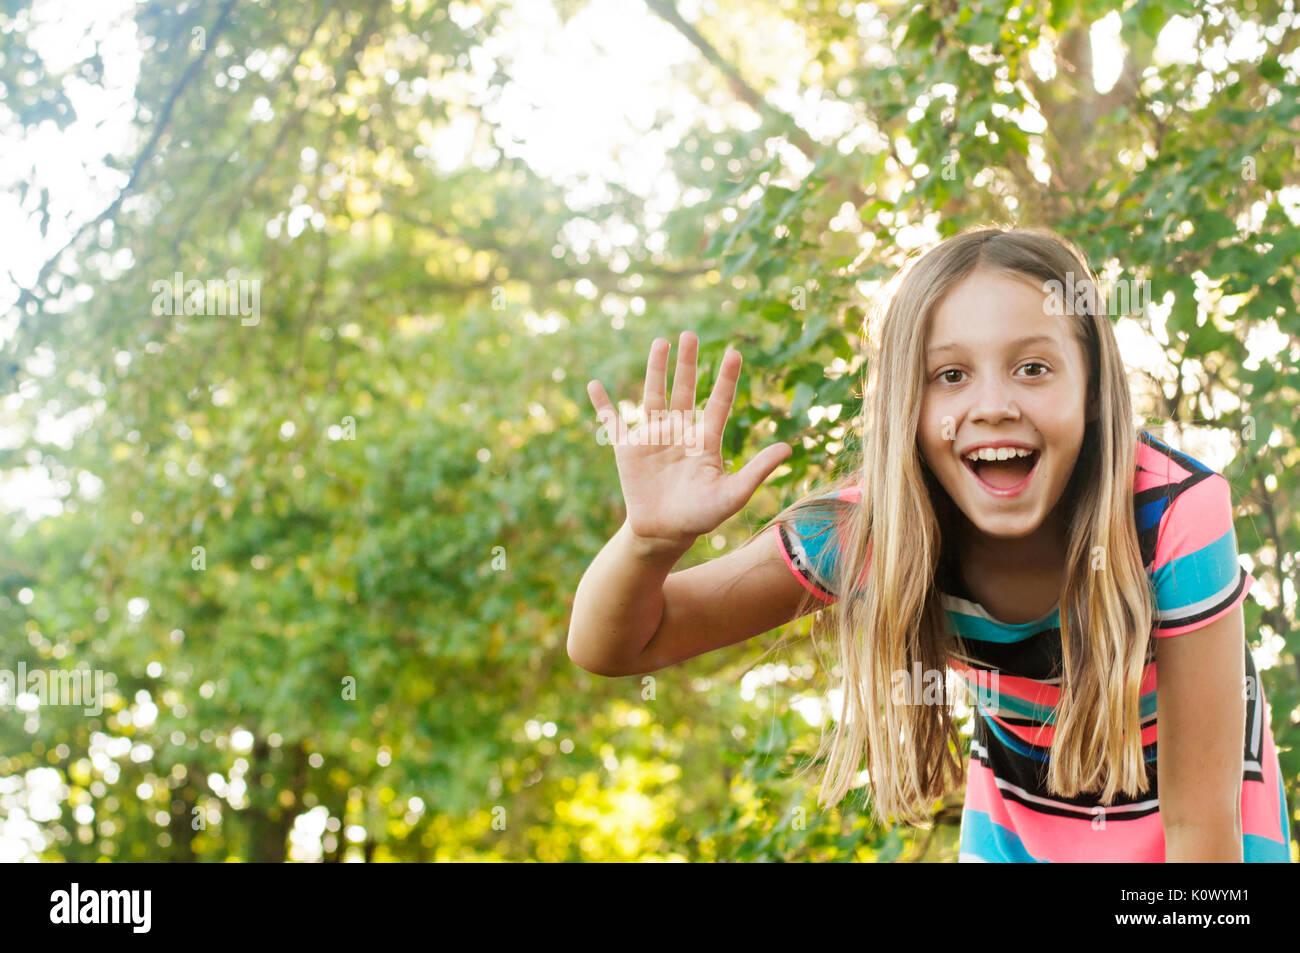 Girl waving hello - Stock Image